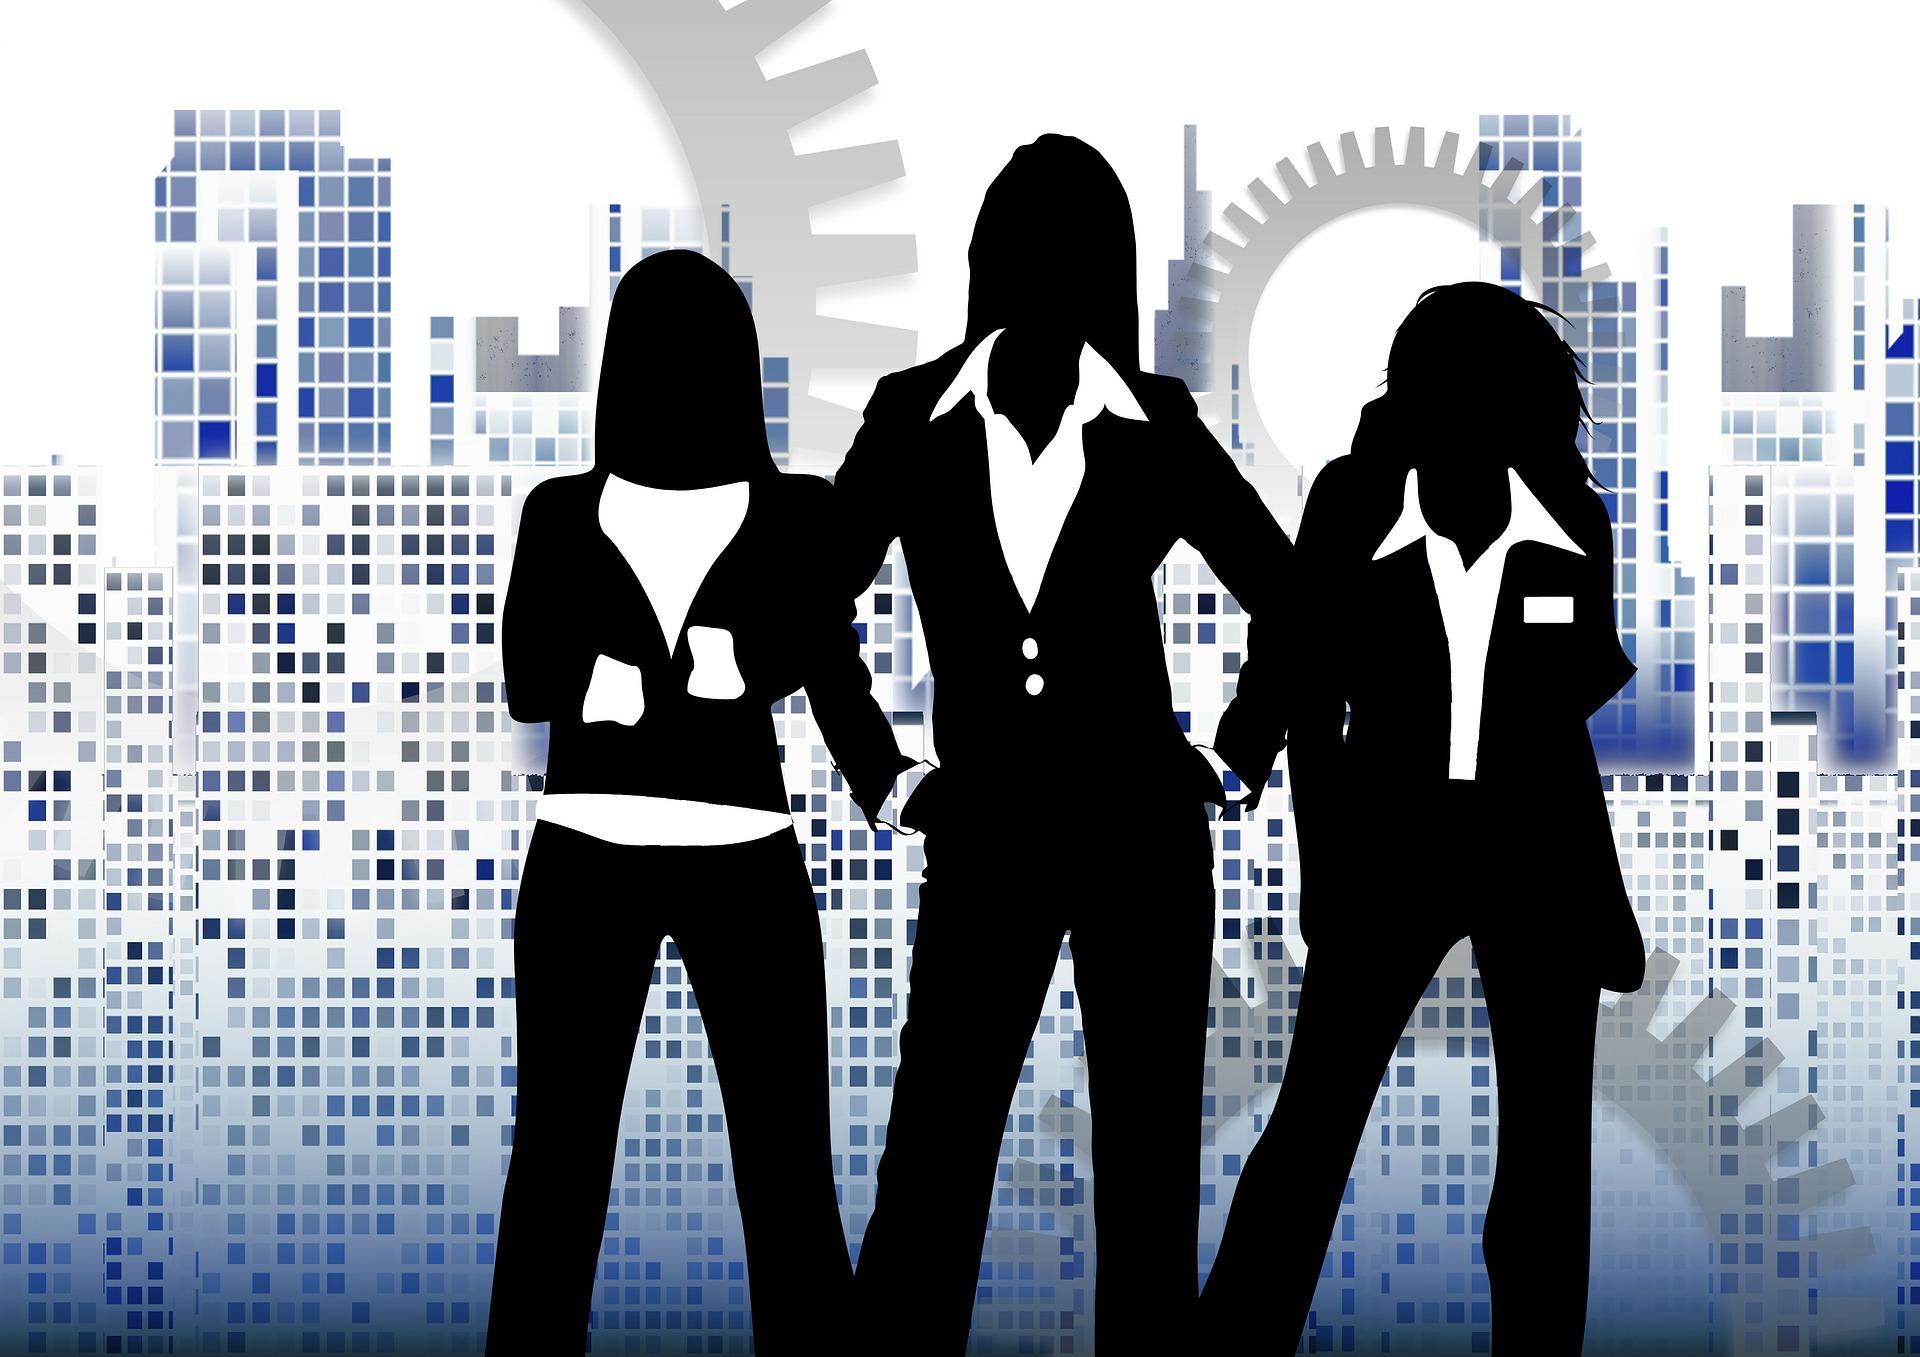 fashion tips for women 50+, working women, plus size working women